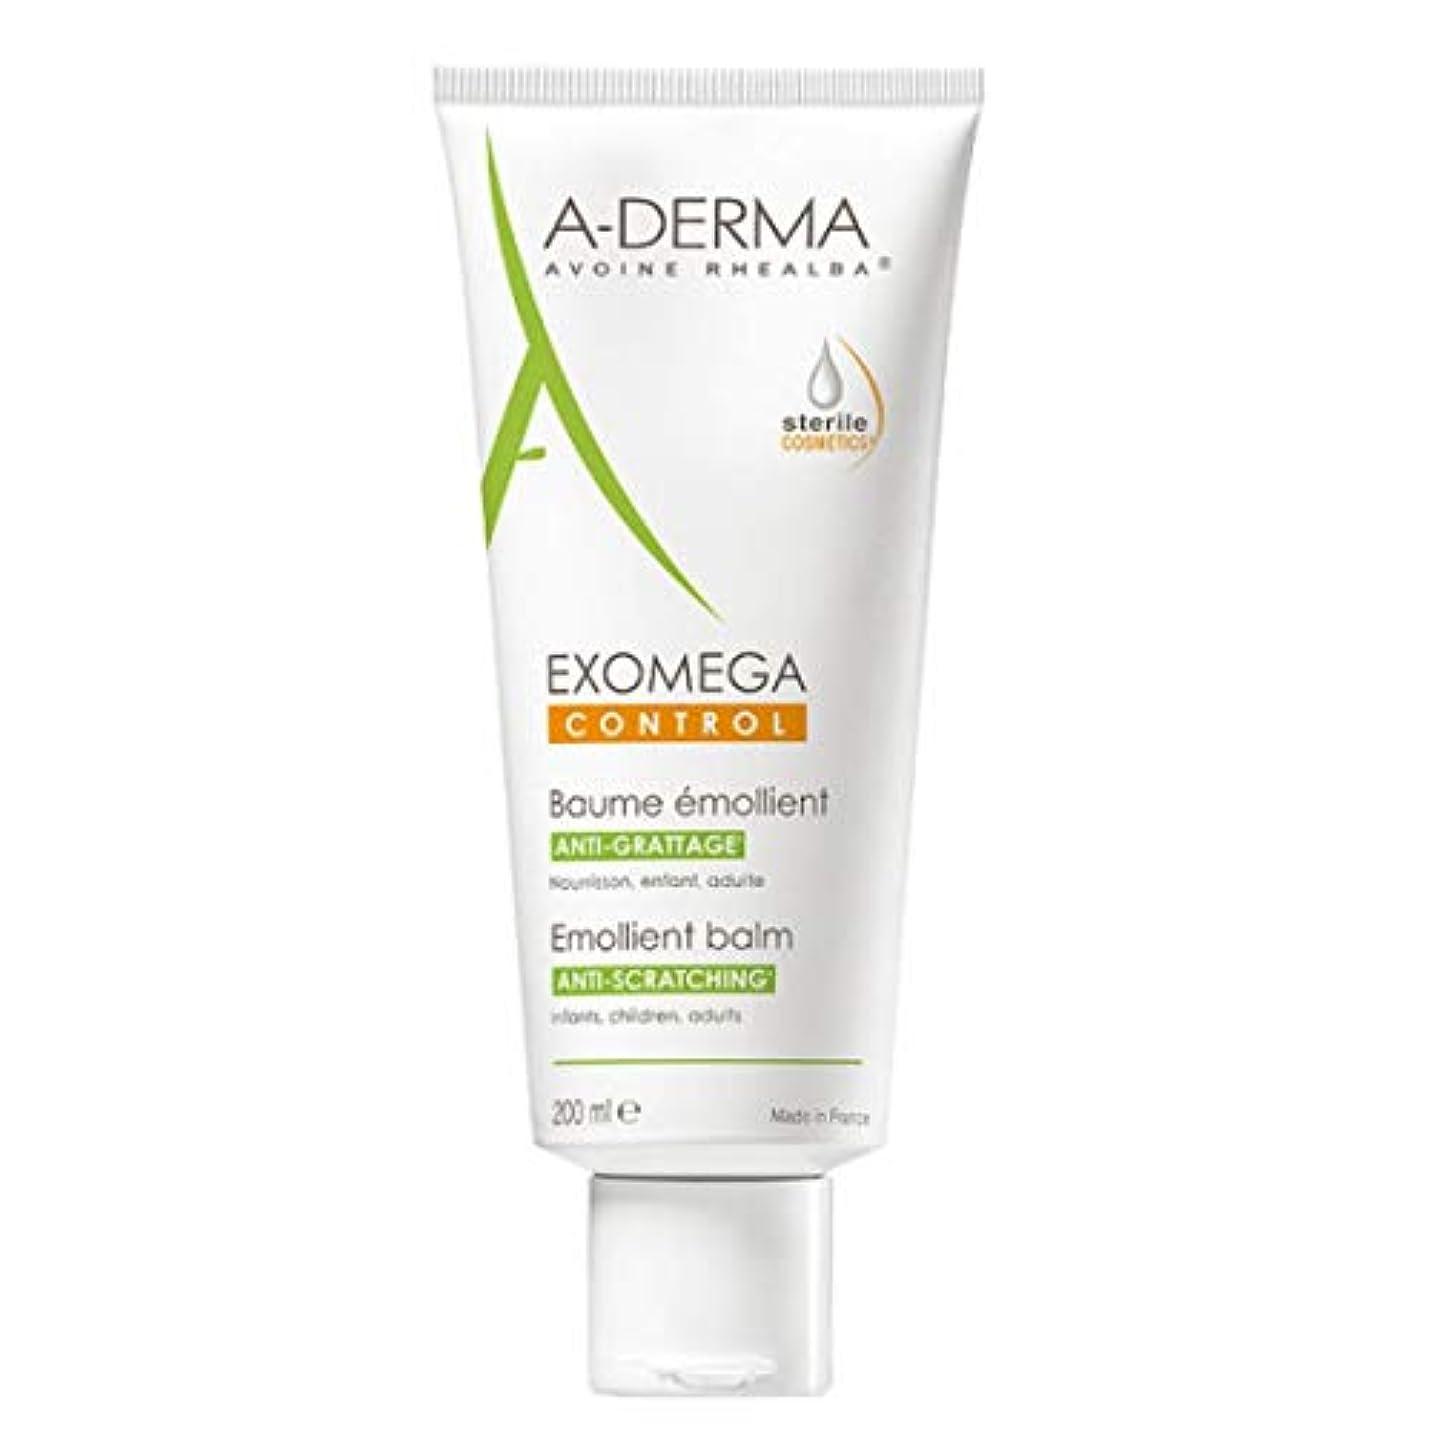 病んでいる裁定感謝するA-derma Exomega Control Emollient Balm 200ml [並行輸入品]